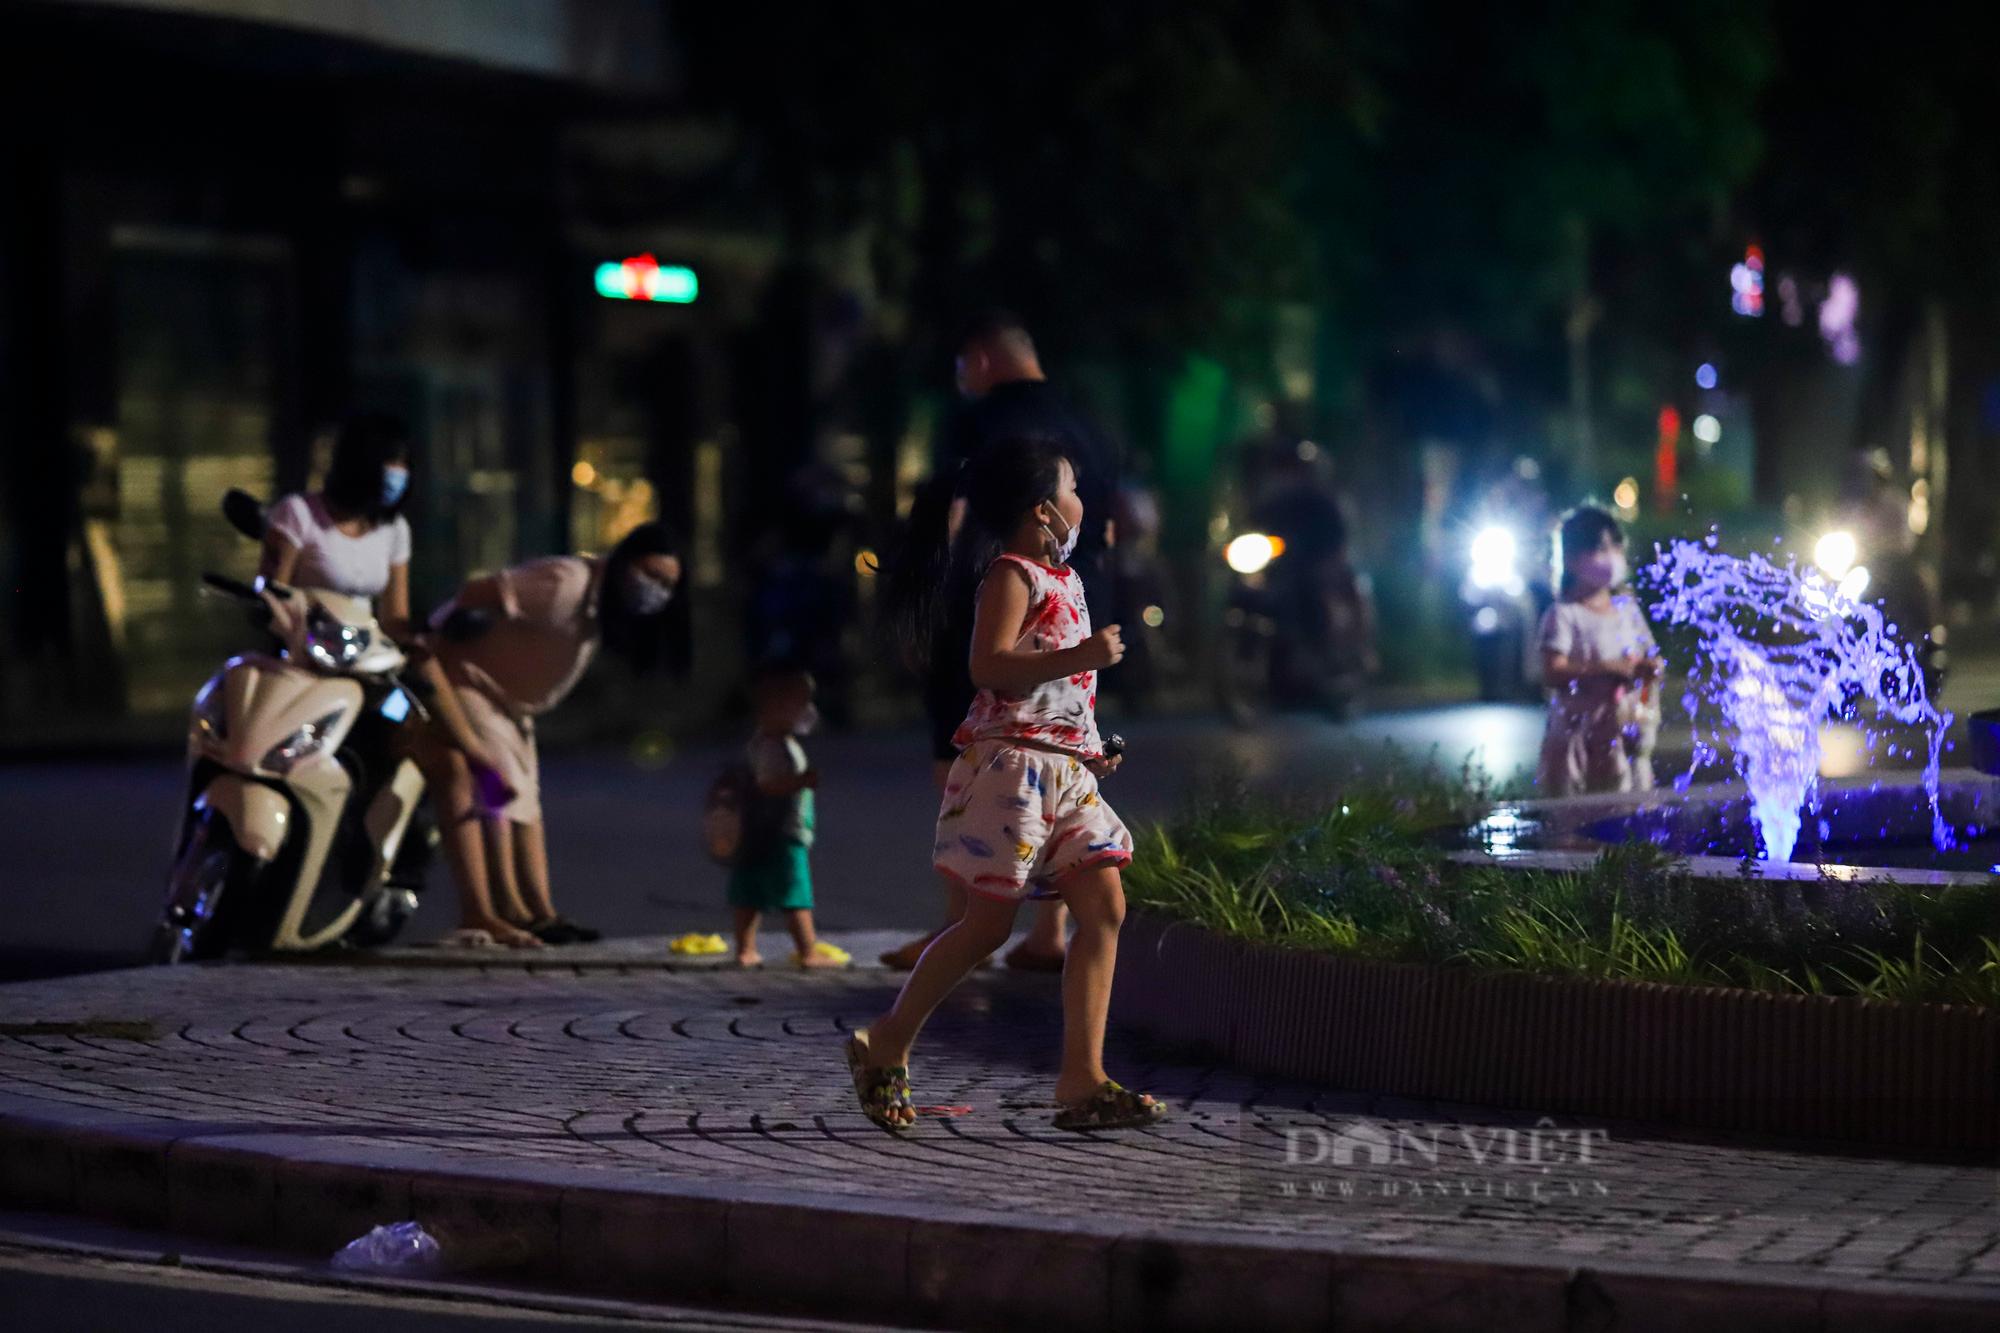 Ngày giãn cách cuối cùng, người dân rủ nhau lên phố cổ dạo chơi đêm trung thu - Ảnh 11.